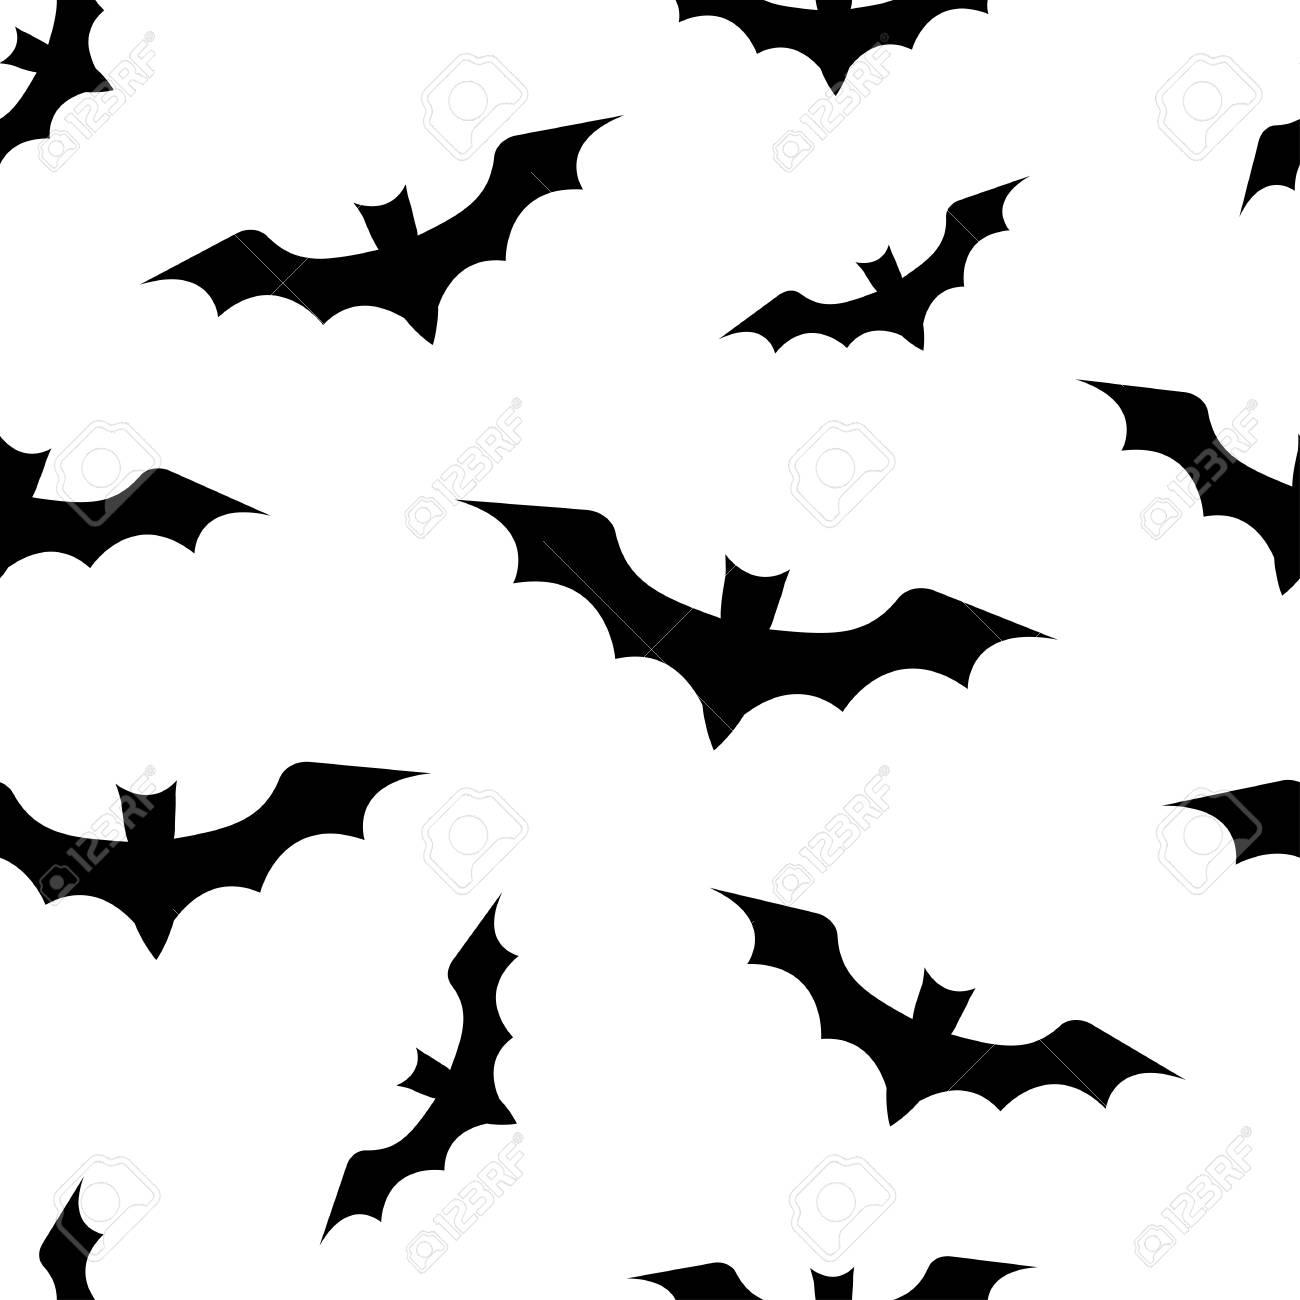 Un Modele Sans Couture Avec Des Chauves Souris Pour Halloween Chauves Souris Noires Sur Fond Blanc Clip Art Libres De Droits Vecteurs Et Illustration Image 87822788